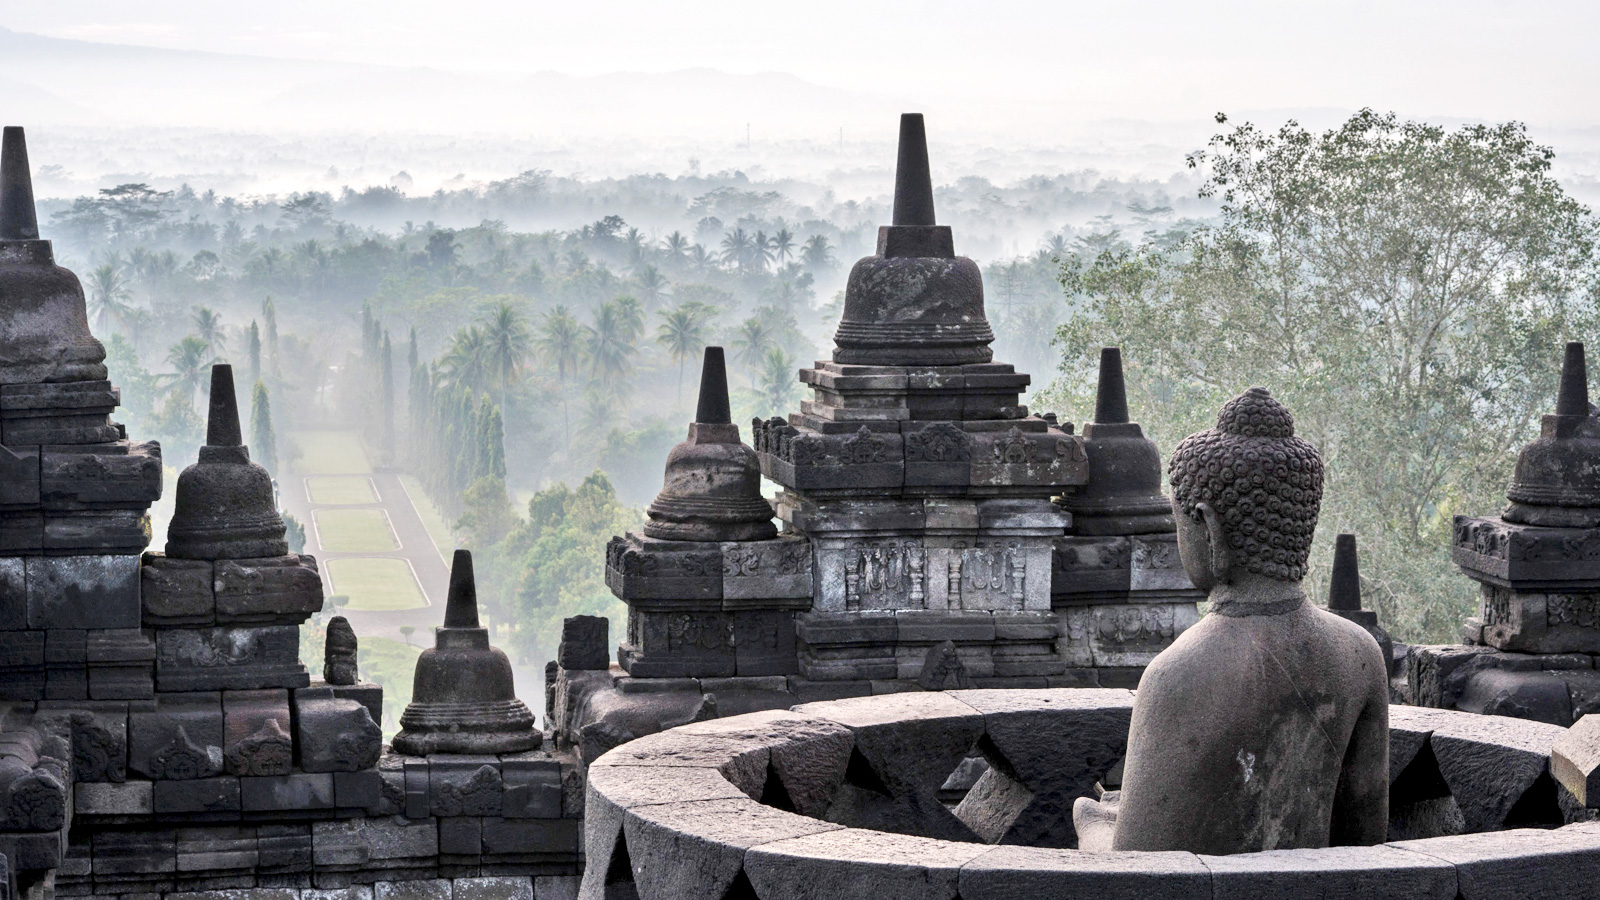 Borobudur Jave Indonesien Erlebnisreise traveljunkies